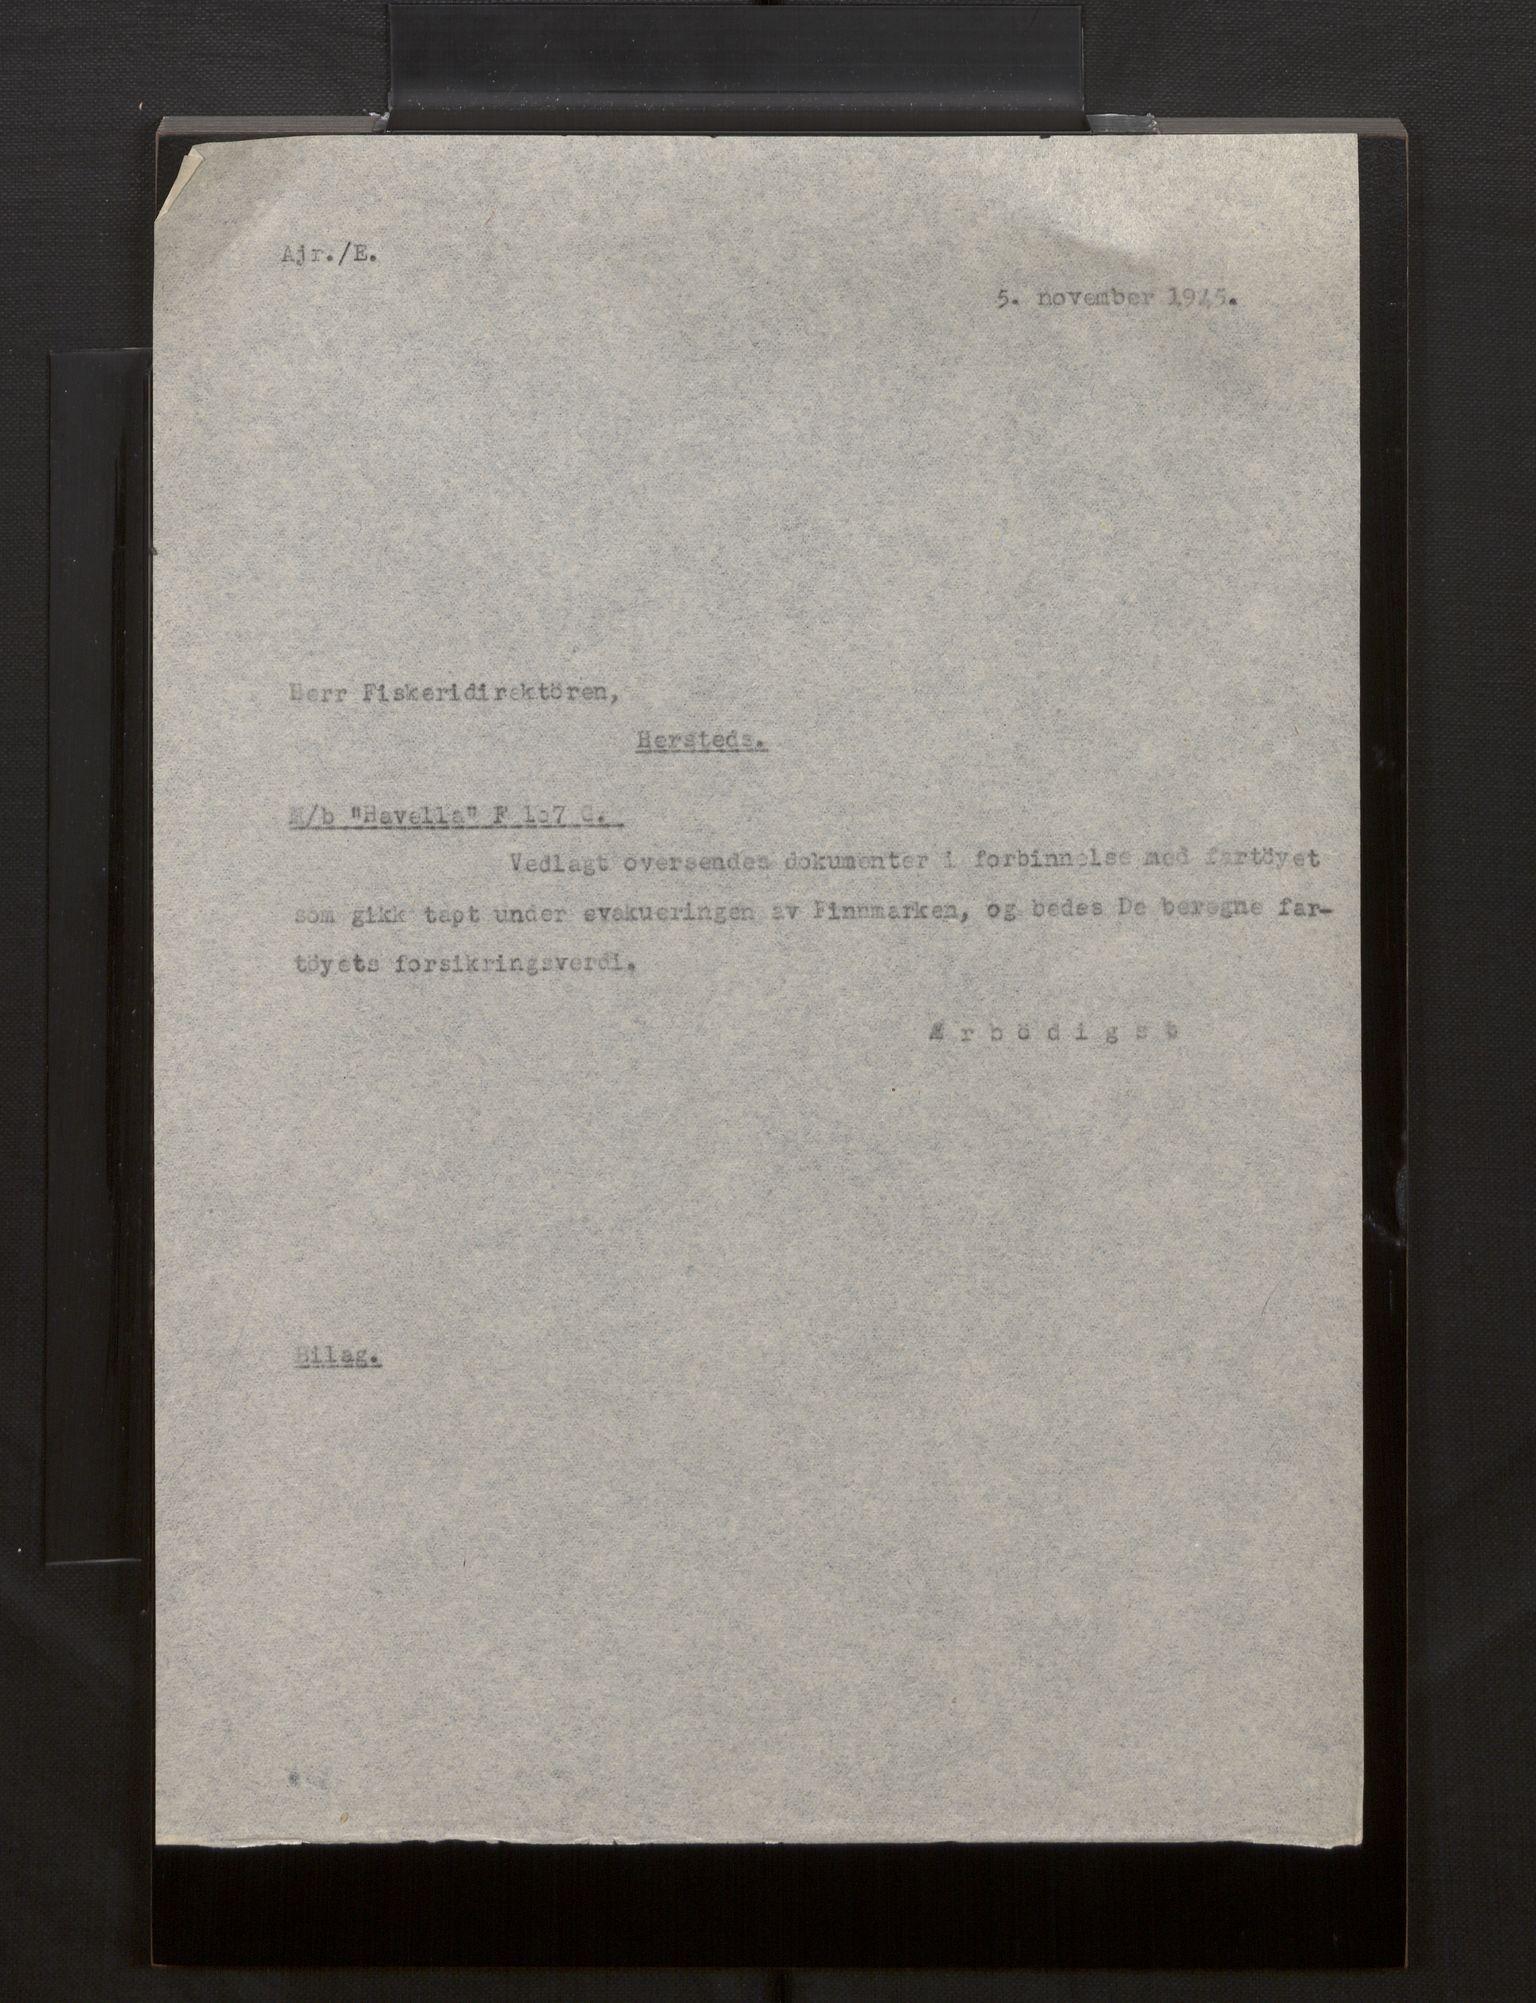 SAB, Fiskeridirektoratet - 1 Adm. ledelse - 13 Båtkontoret, La/L0042: Statens krigsforsikring for fiskeflåten, 1936-1971, s. 438